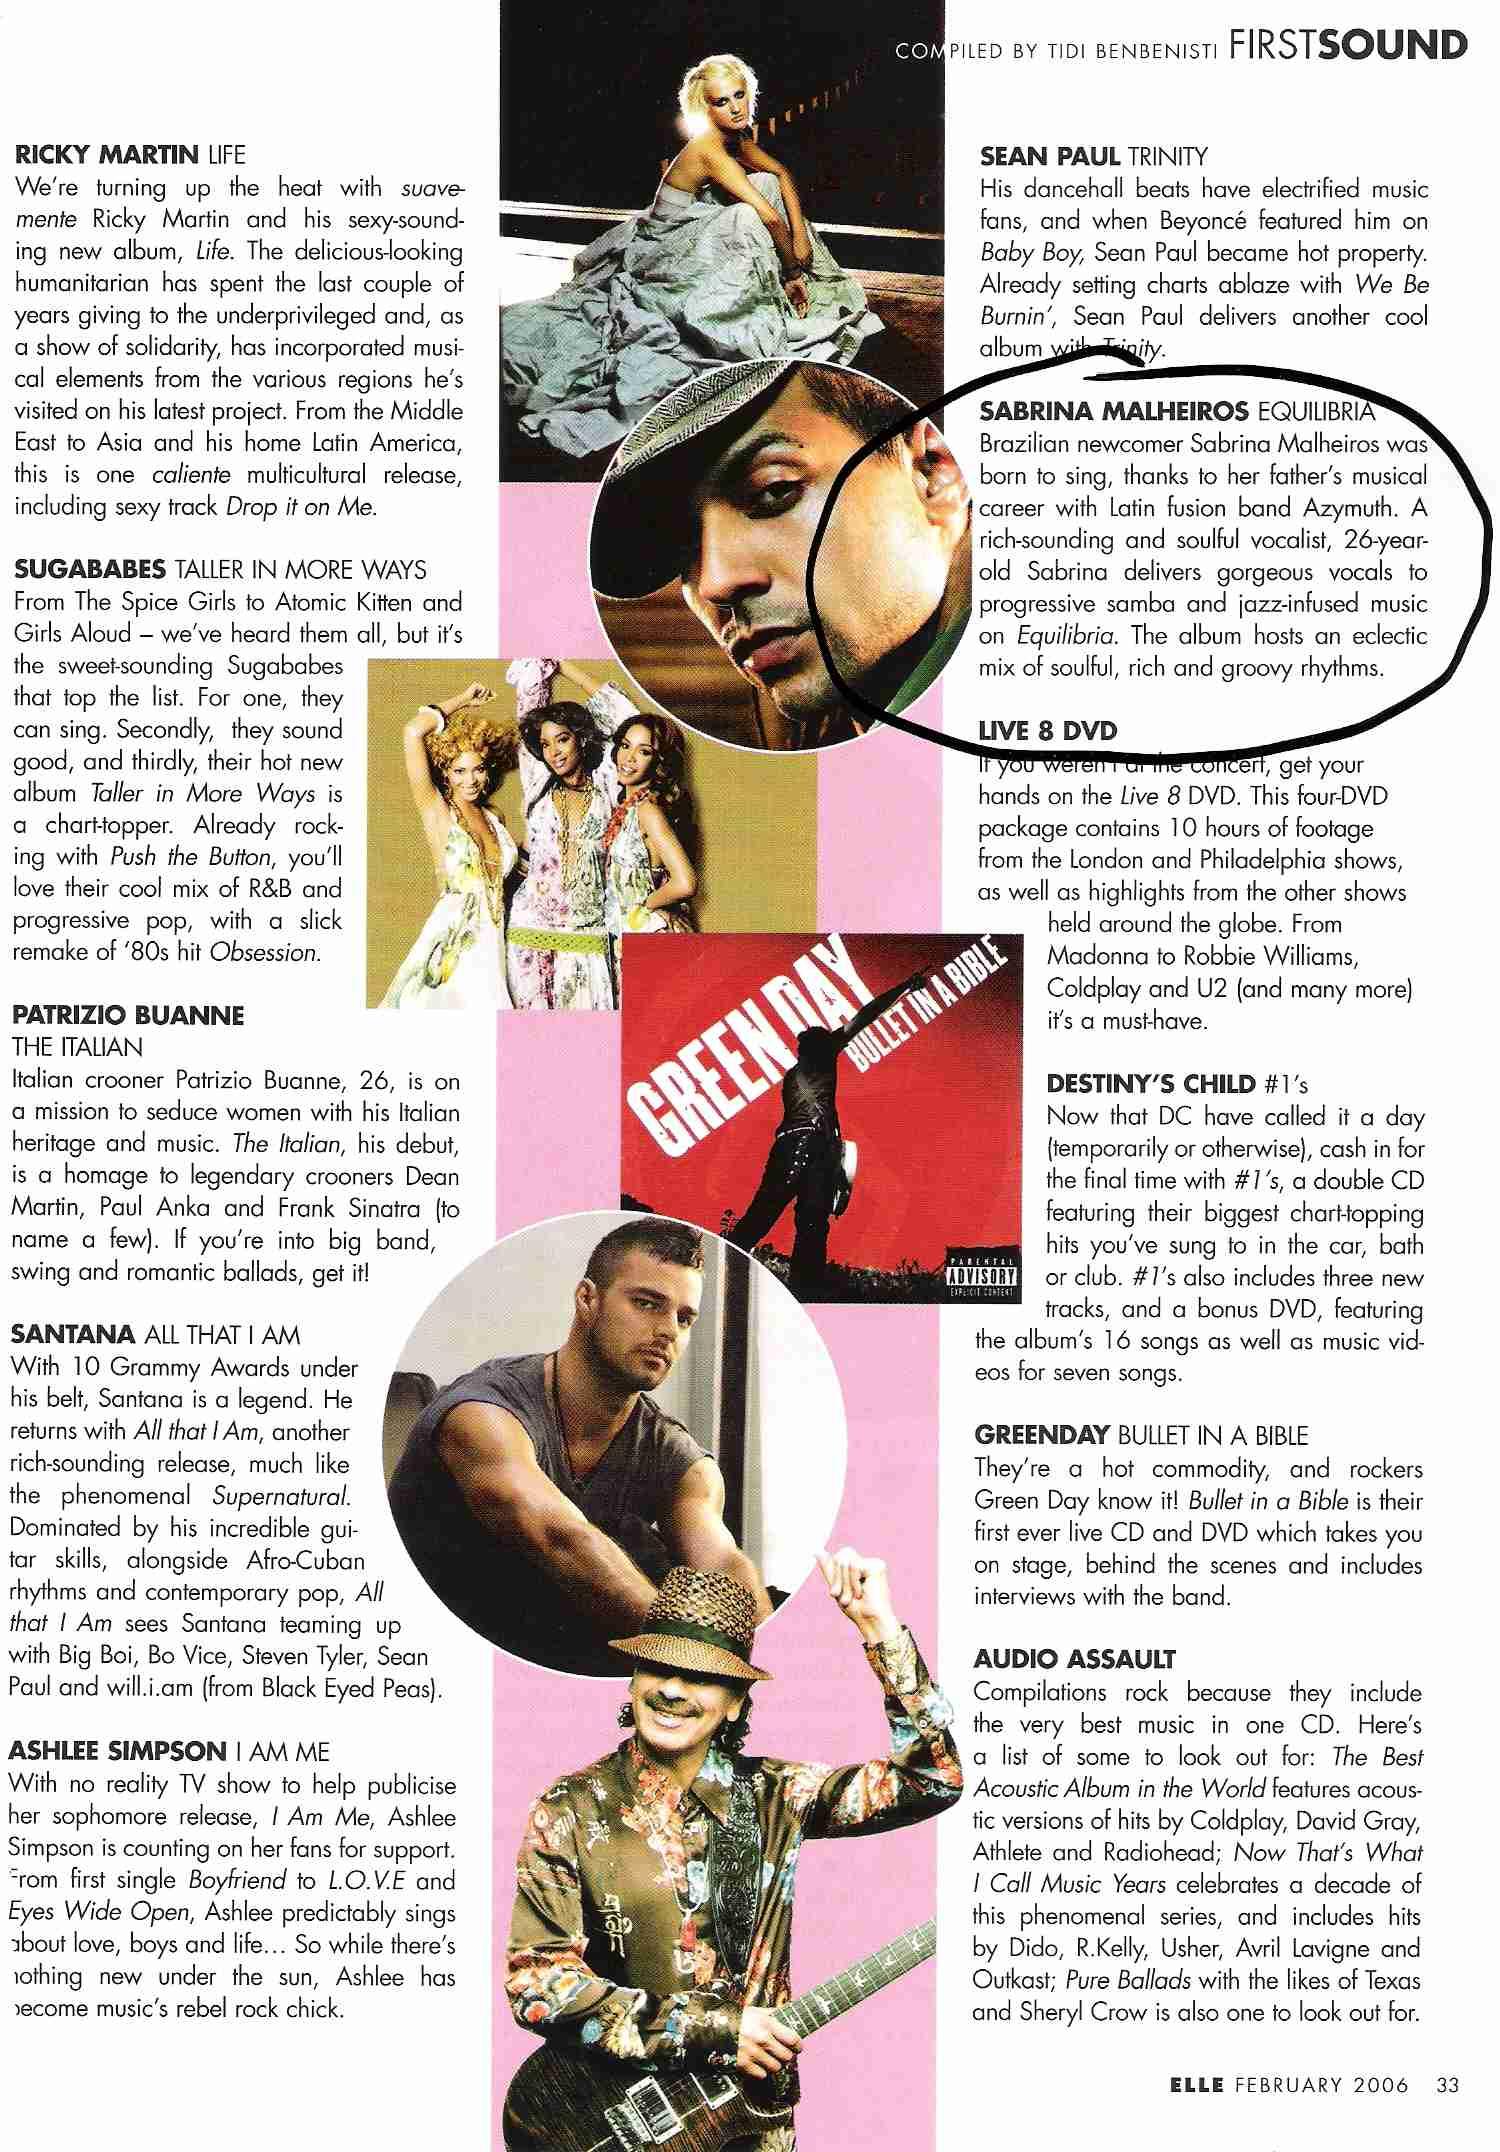 Elle Magazine (UK)